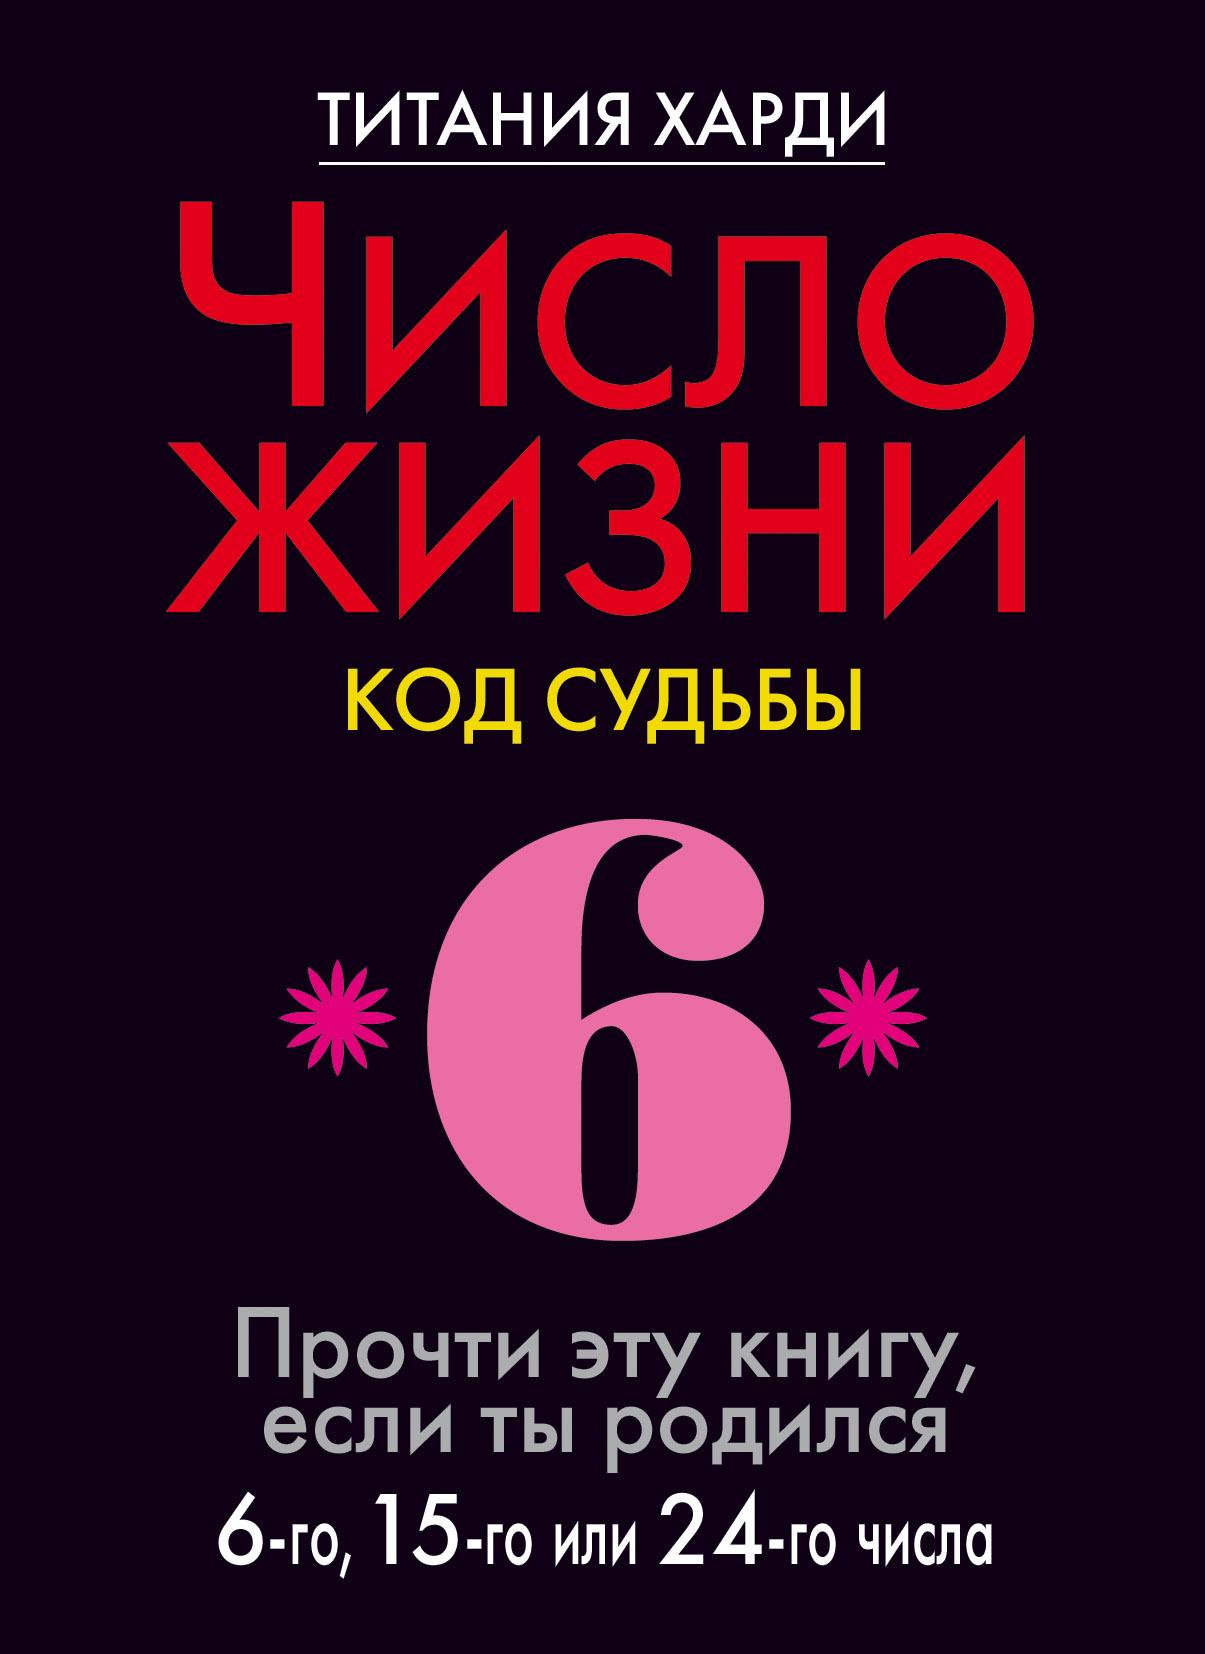 Книга Число жизни. Код судьбы. Прочти эту книгу, если ты родился 6-го, 15-го или 24-го числа